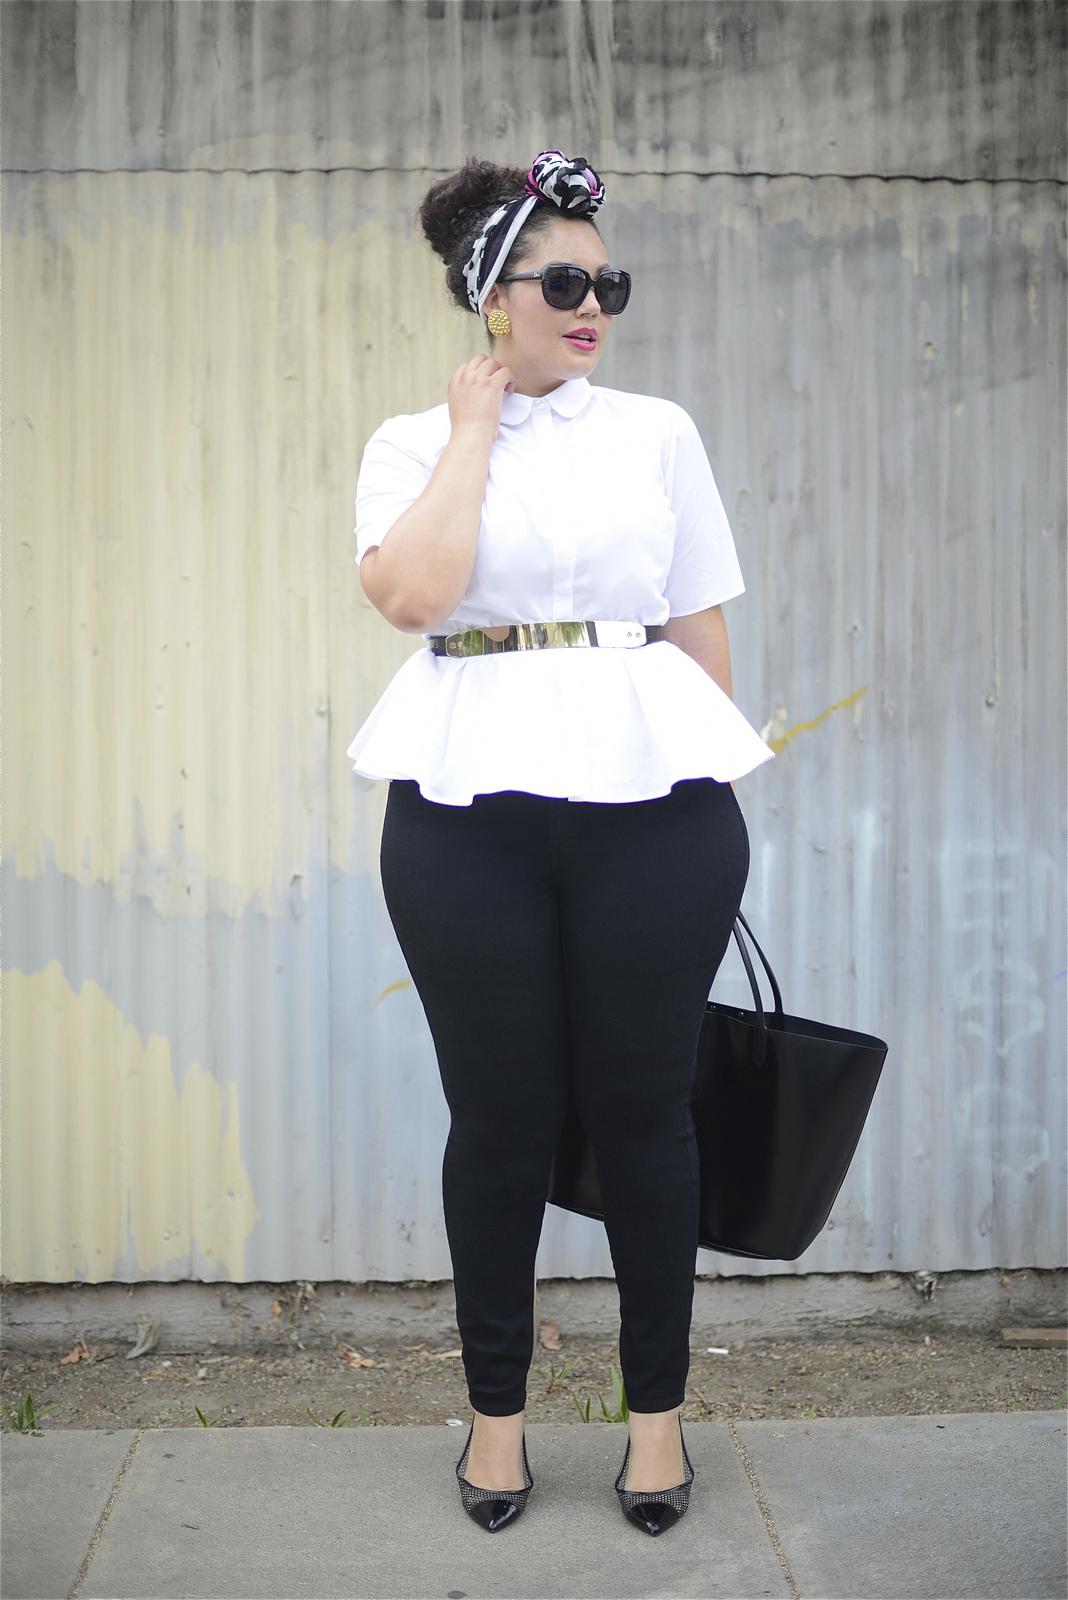 Reprodução/Girl With Curves